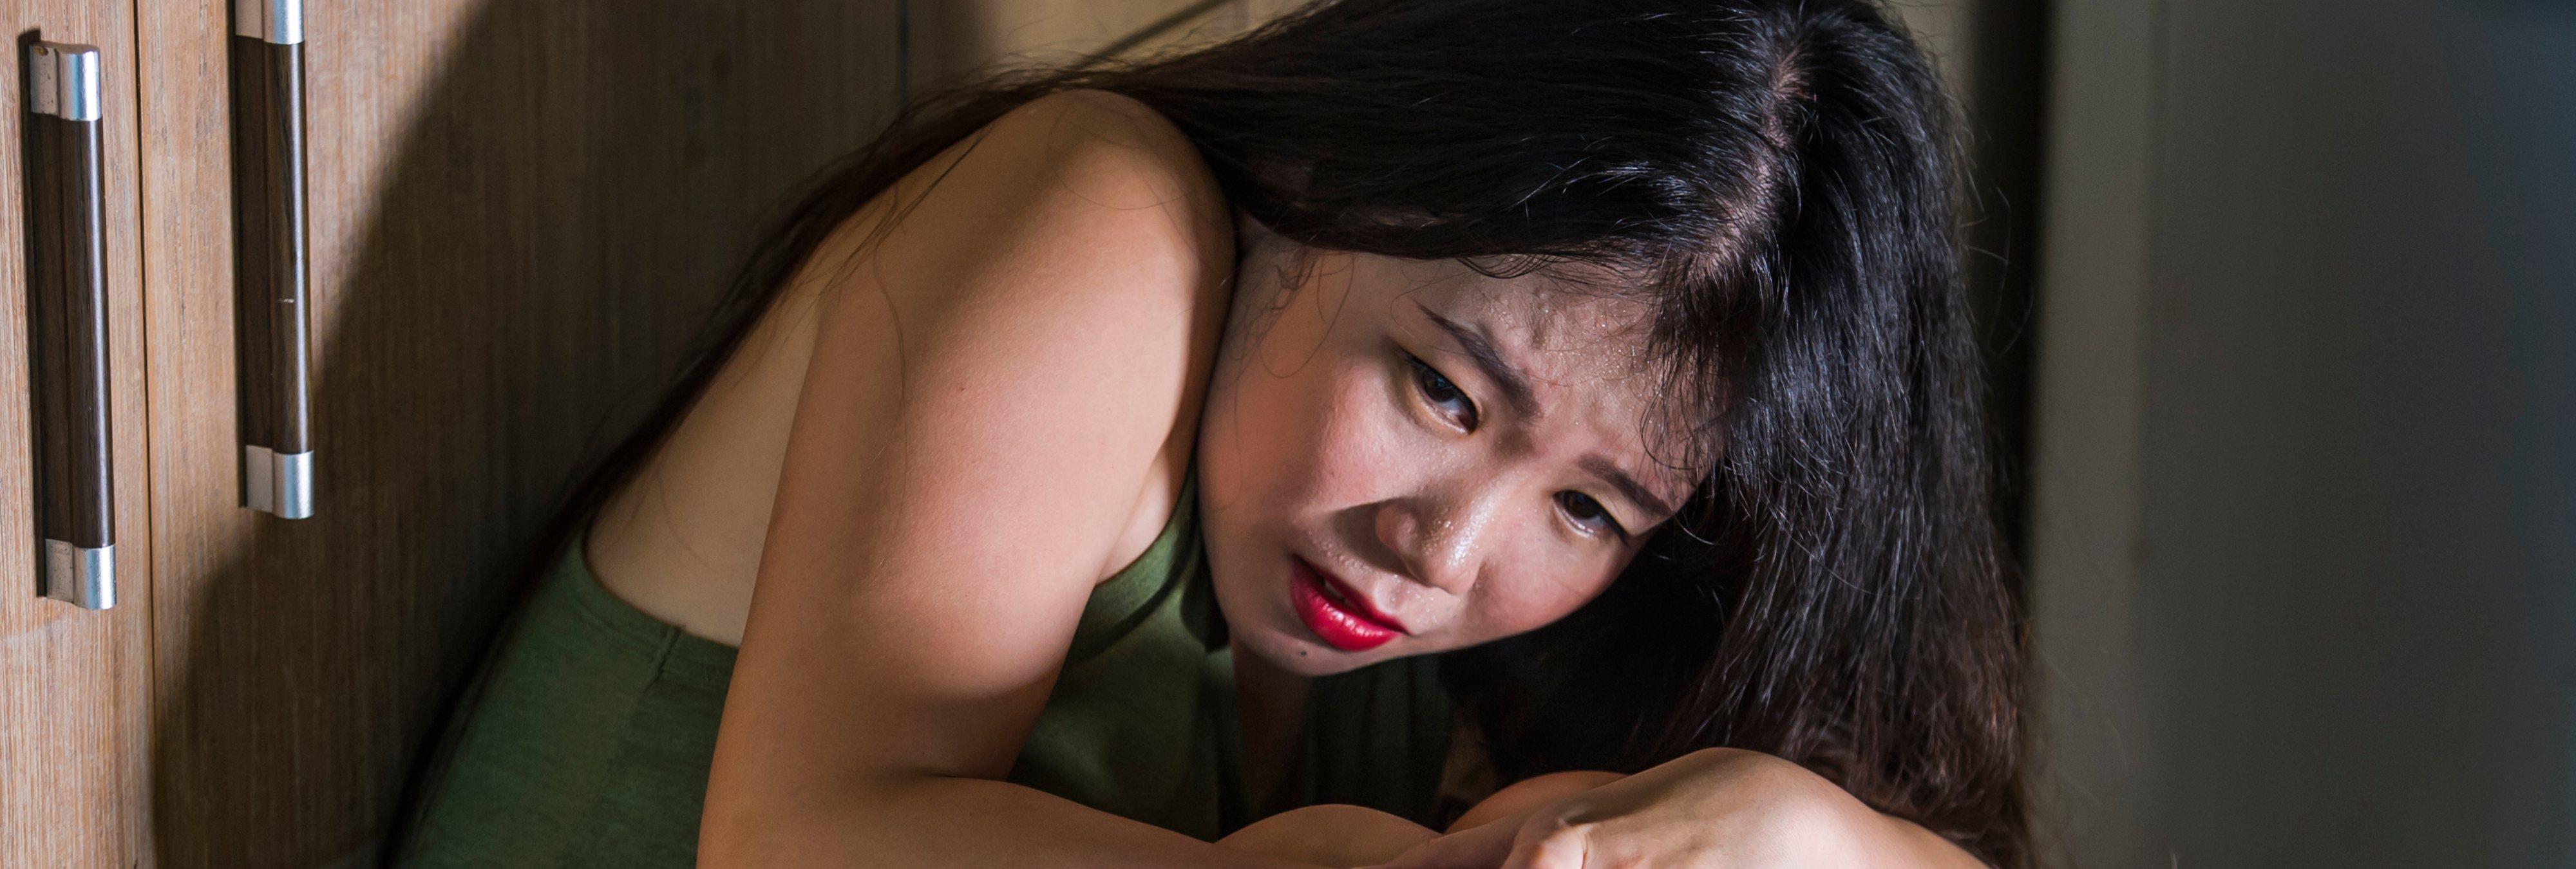 Japón, el país en donde los violadores quedan impunes porque la ley les ampara